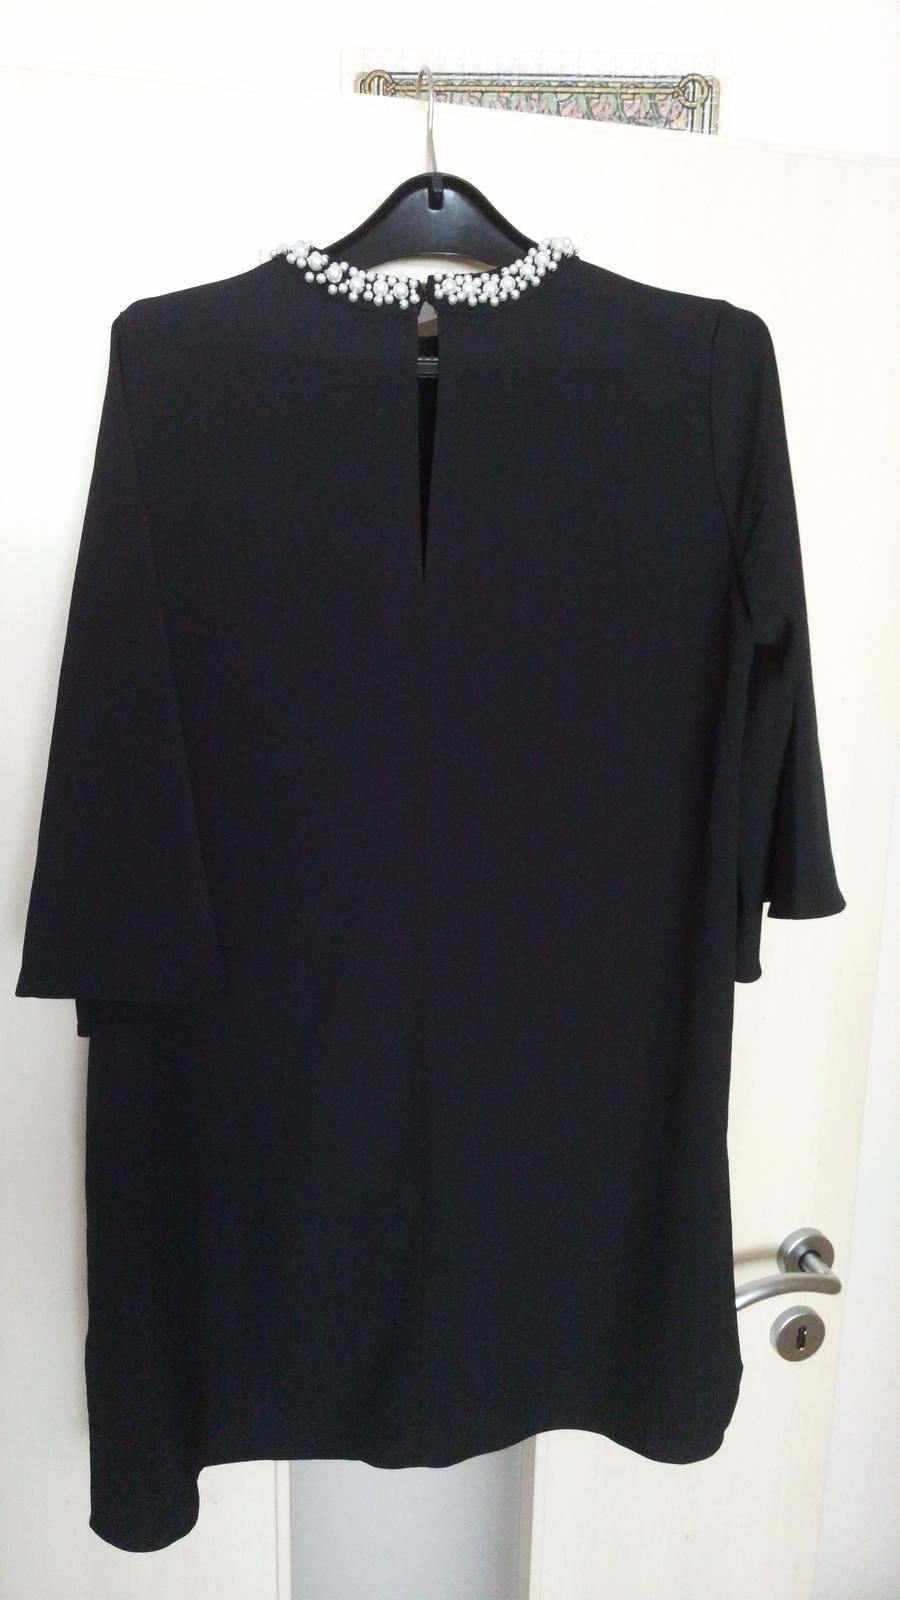 Čierne elegantné oversize saty 36/S - Obrázok č. 2